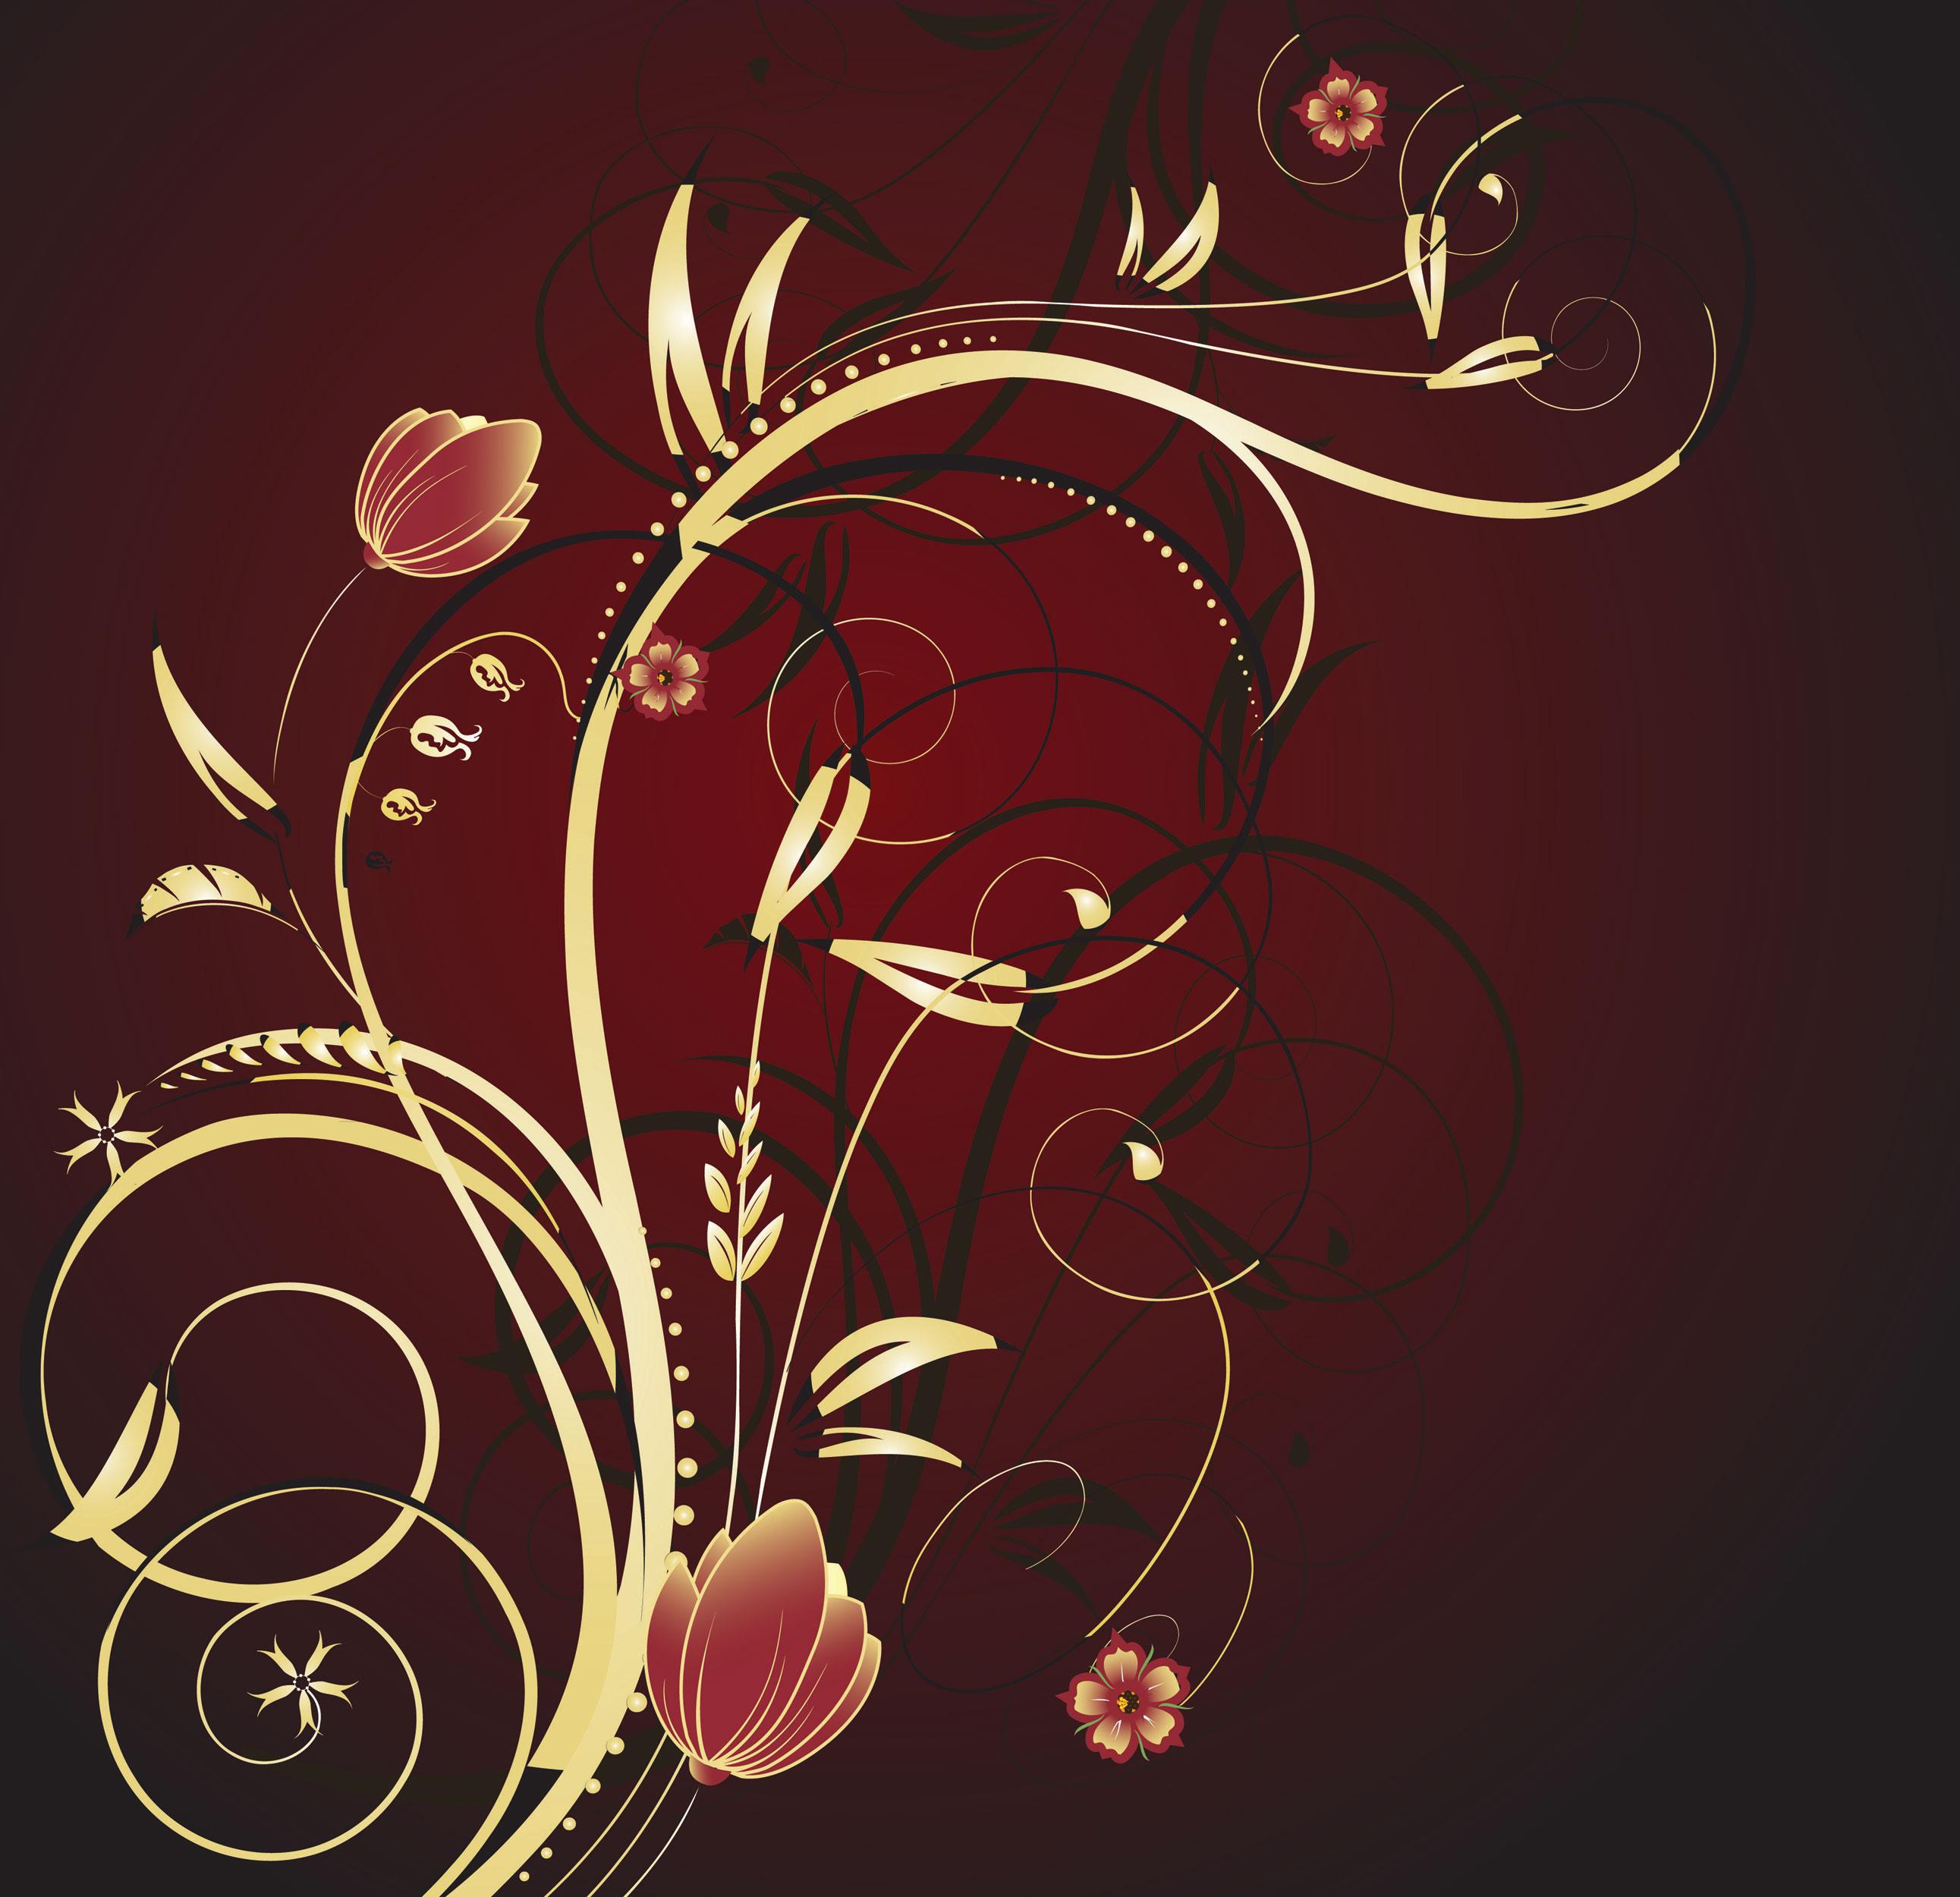 花のイラスト フリー素材 壁紙 背景no 277 ゴールド ゴージャス 赤